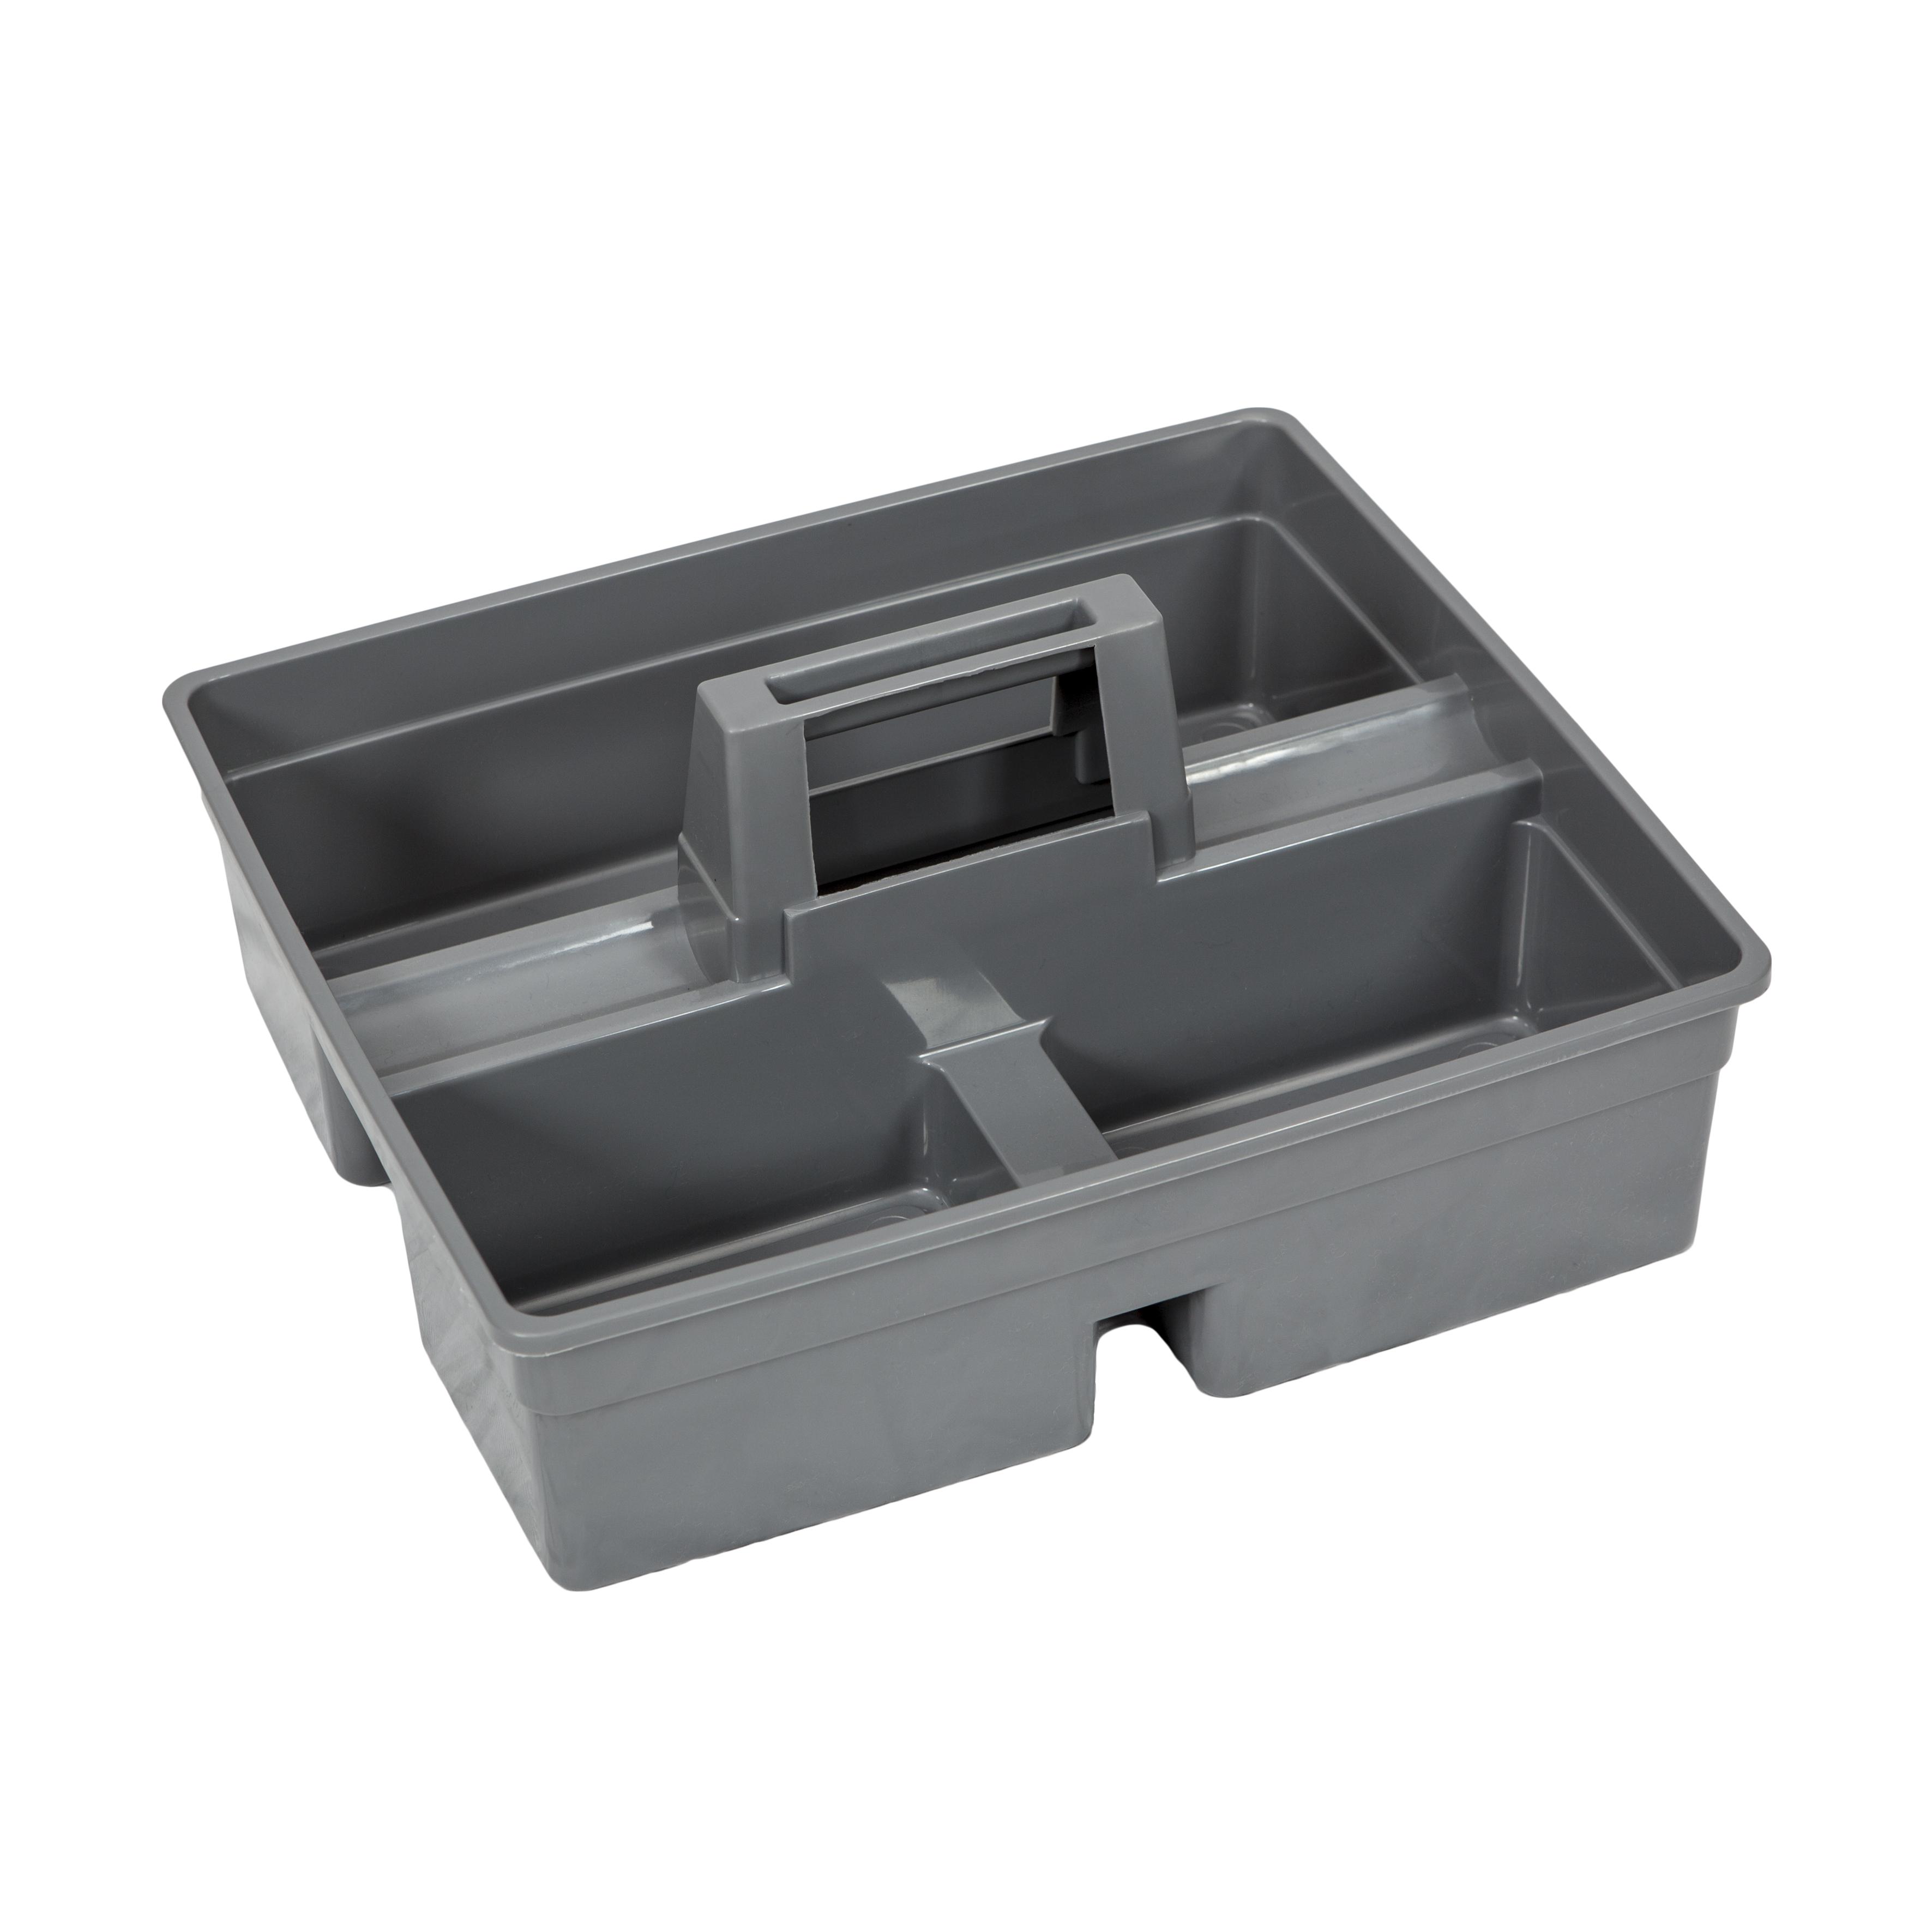 Hectoserve Caddy Tool Bucket